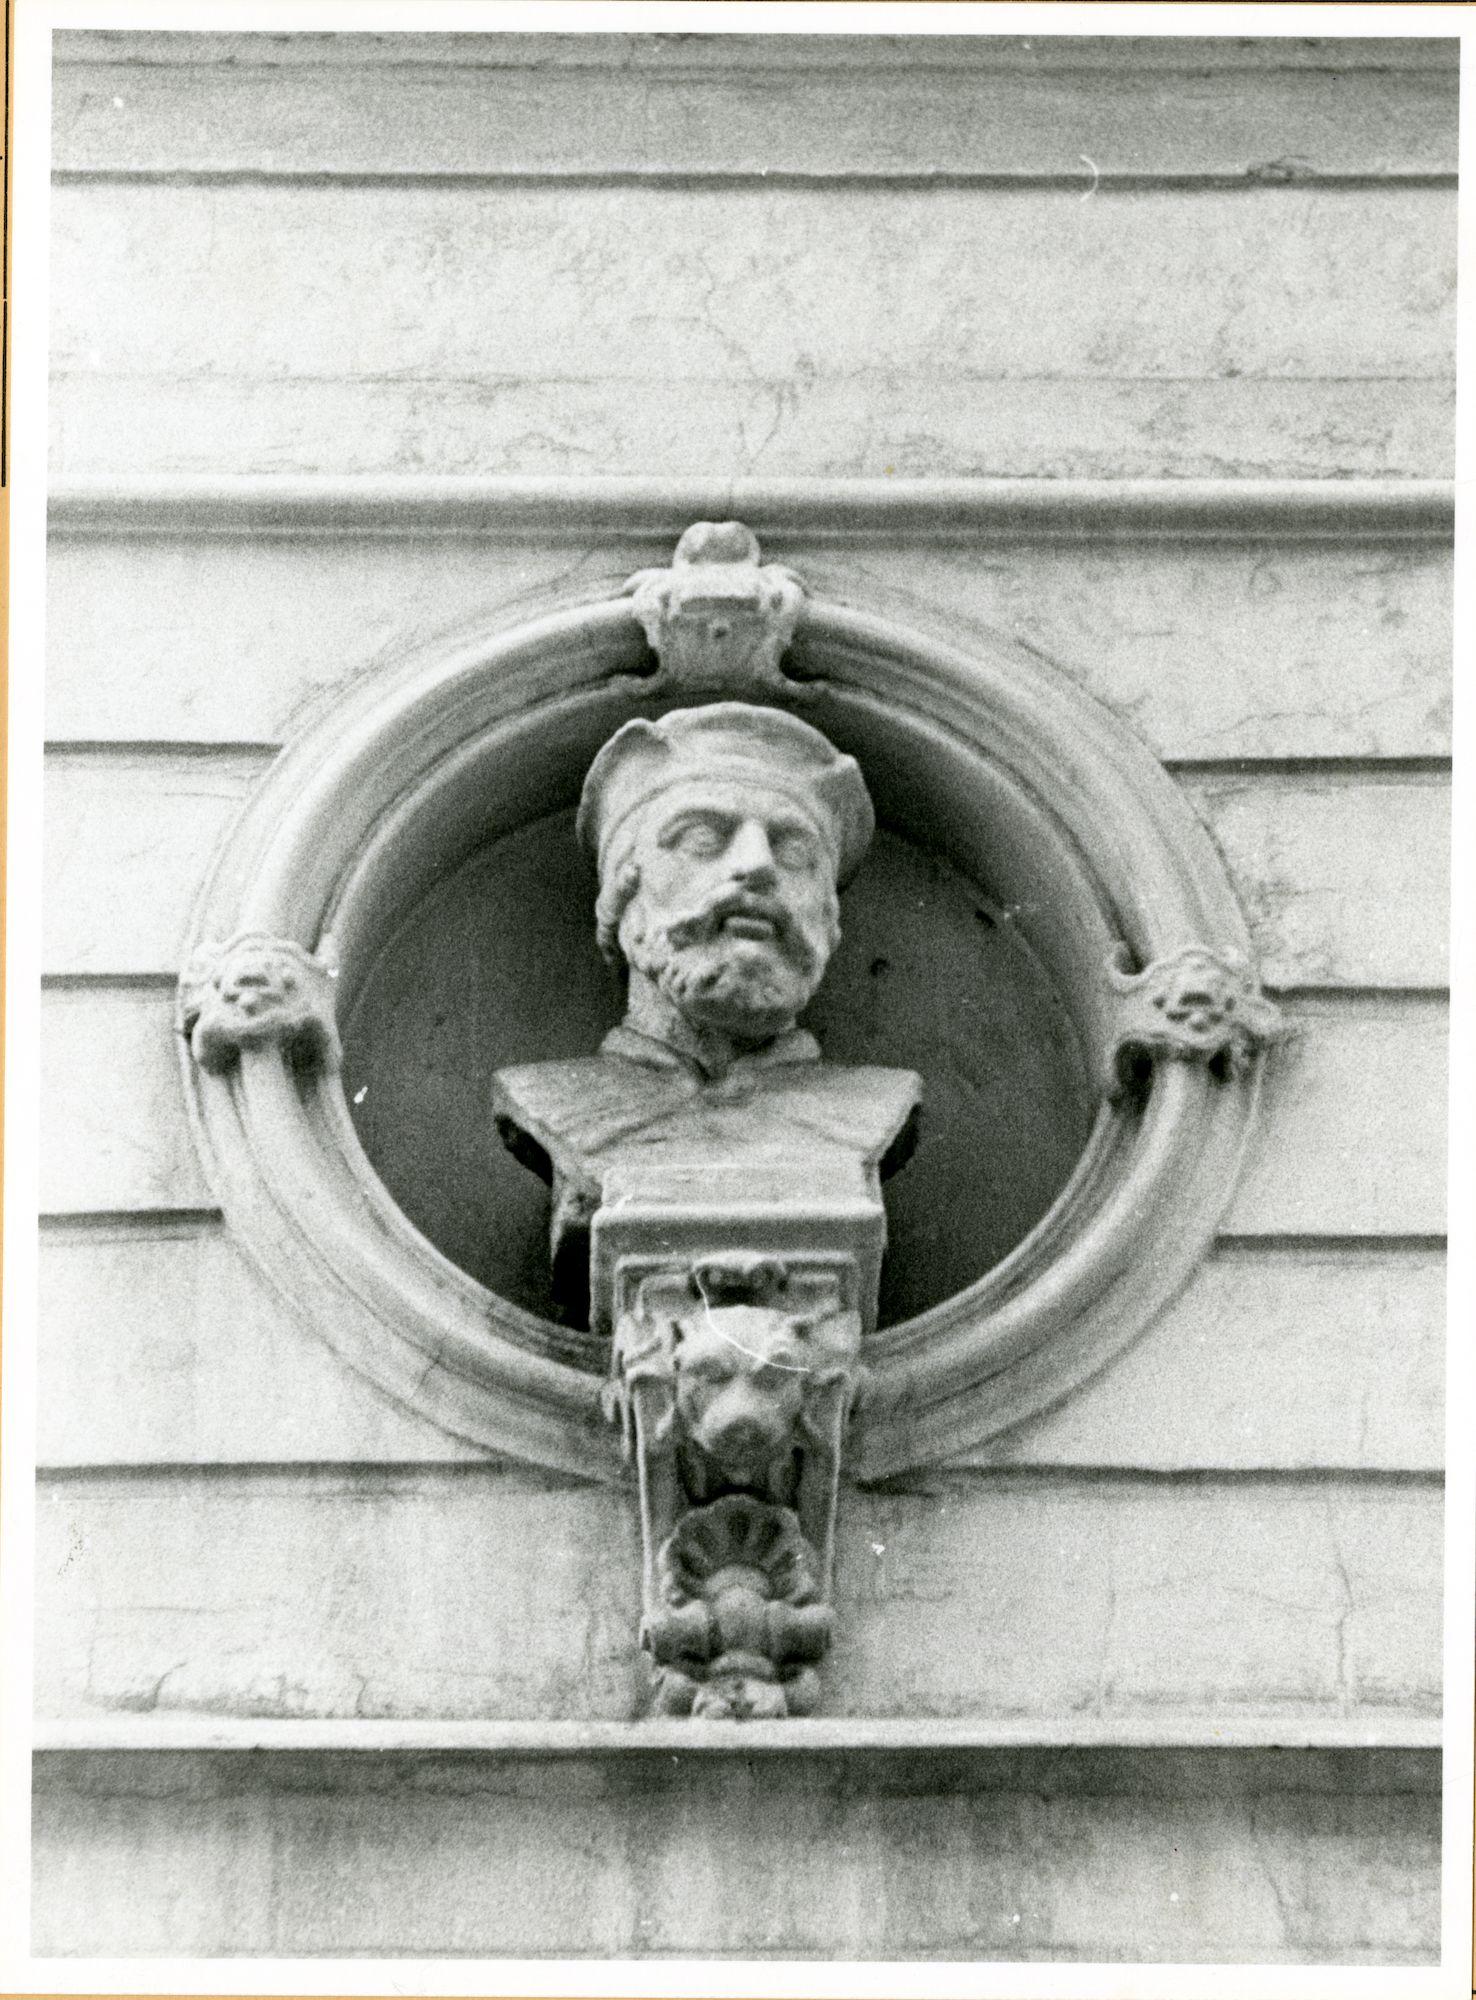 Gent: Lamstraat 8: Buste, 1979